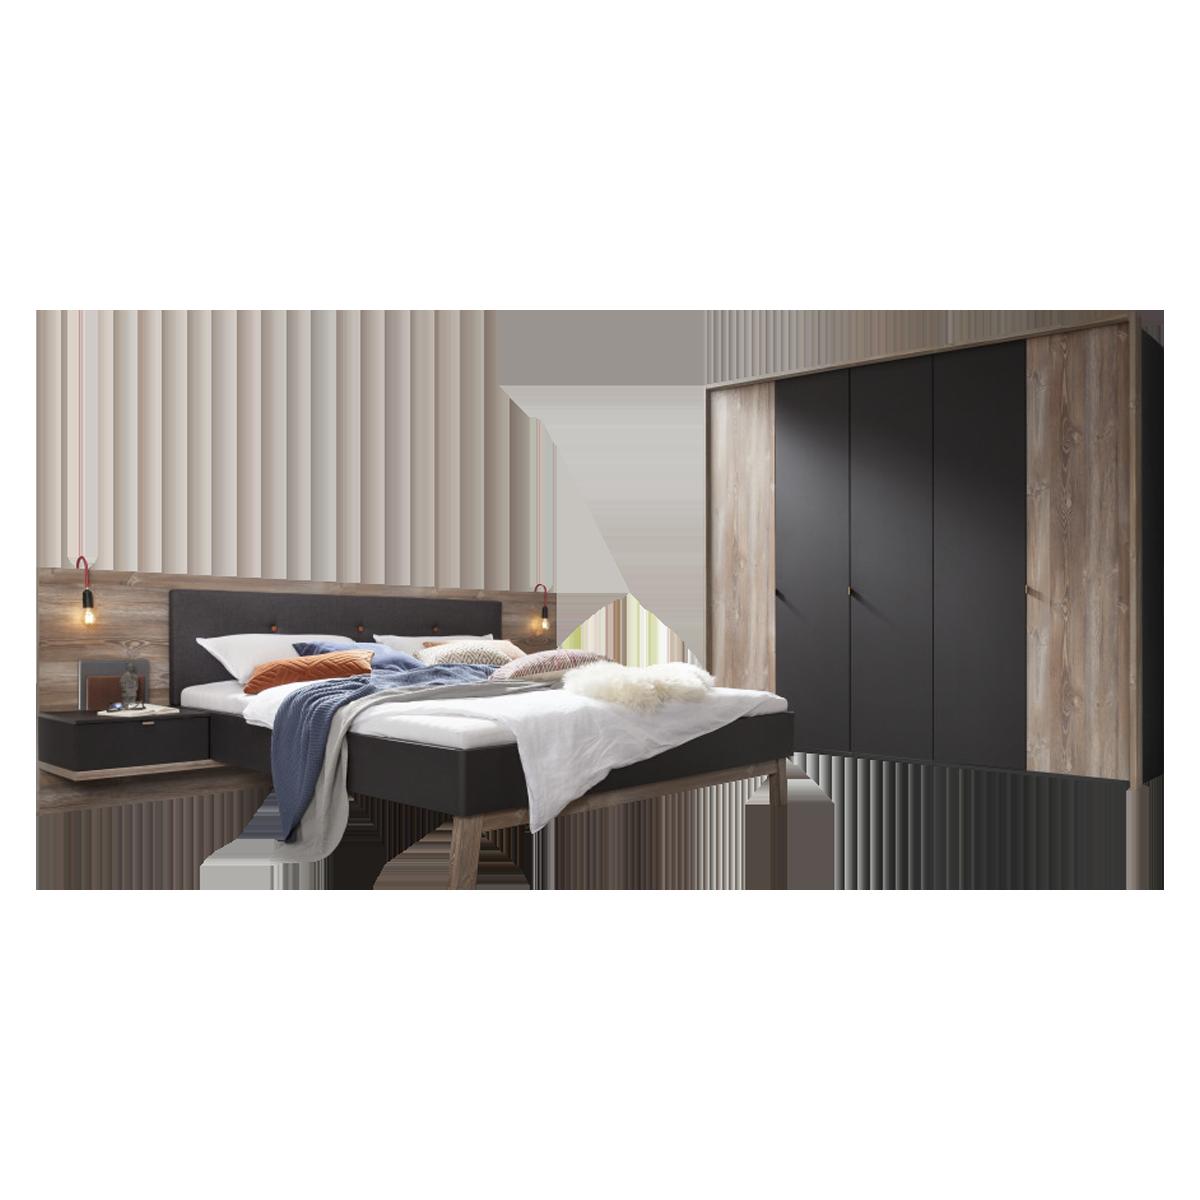 Nolte Möbel Cepina Schlafzimmer-Kombination 2-teilig mit 5-türigem  Drehtürenschrank und Bettanlage mit Liegefläche von ca. 180 x 200 cm  Ausführung ...